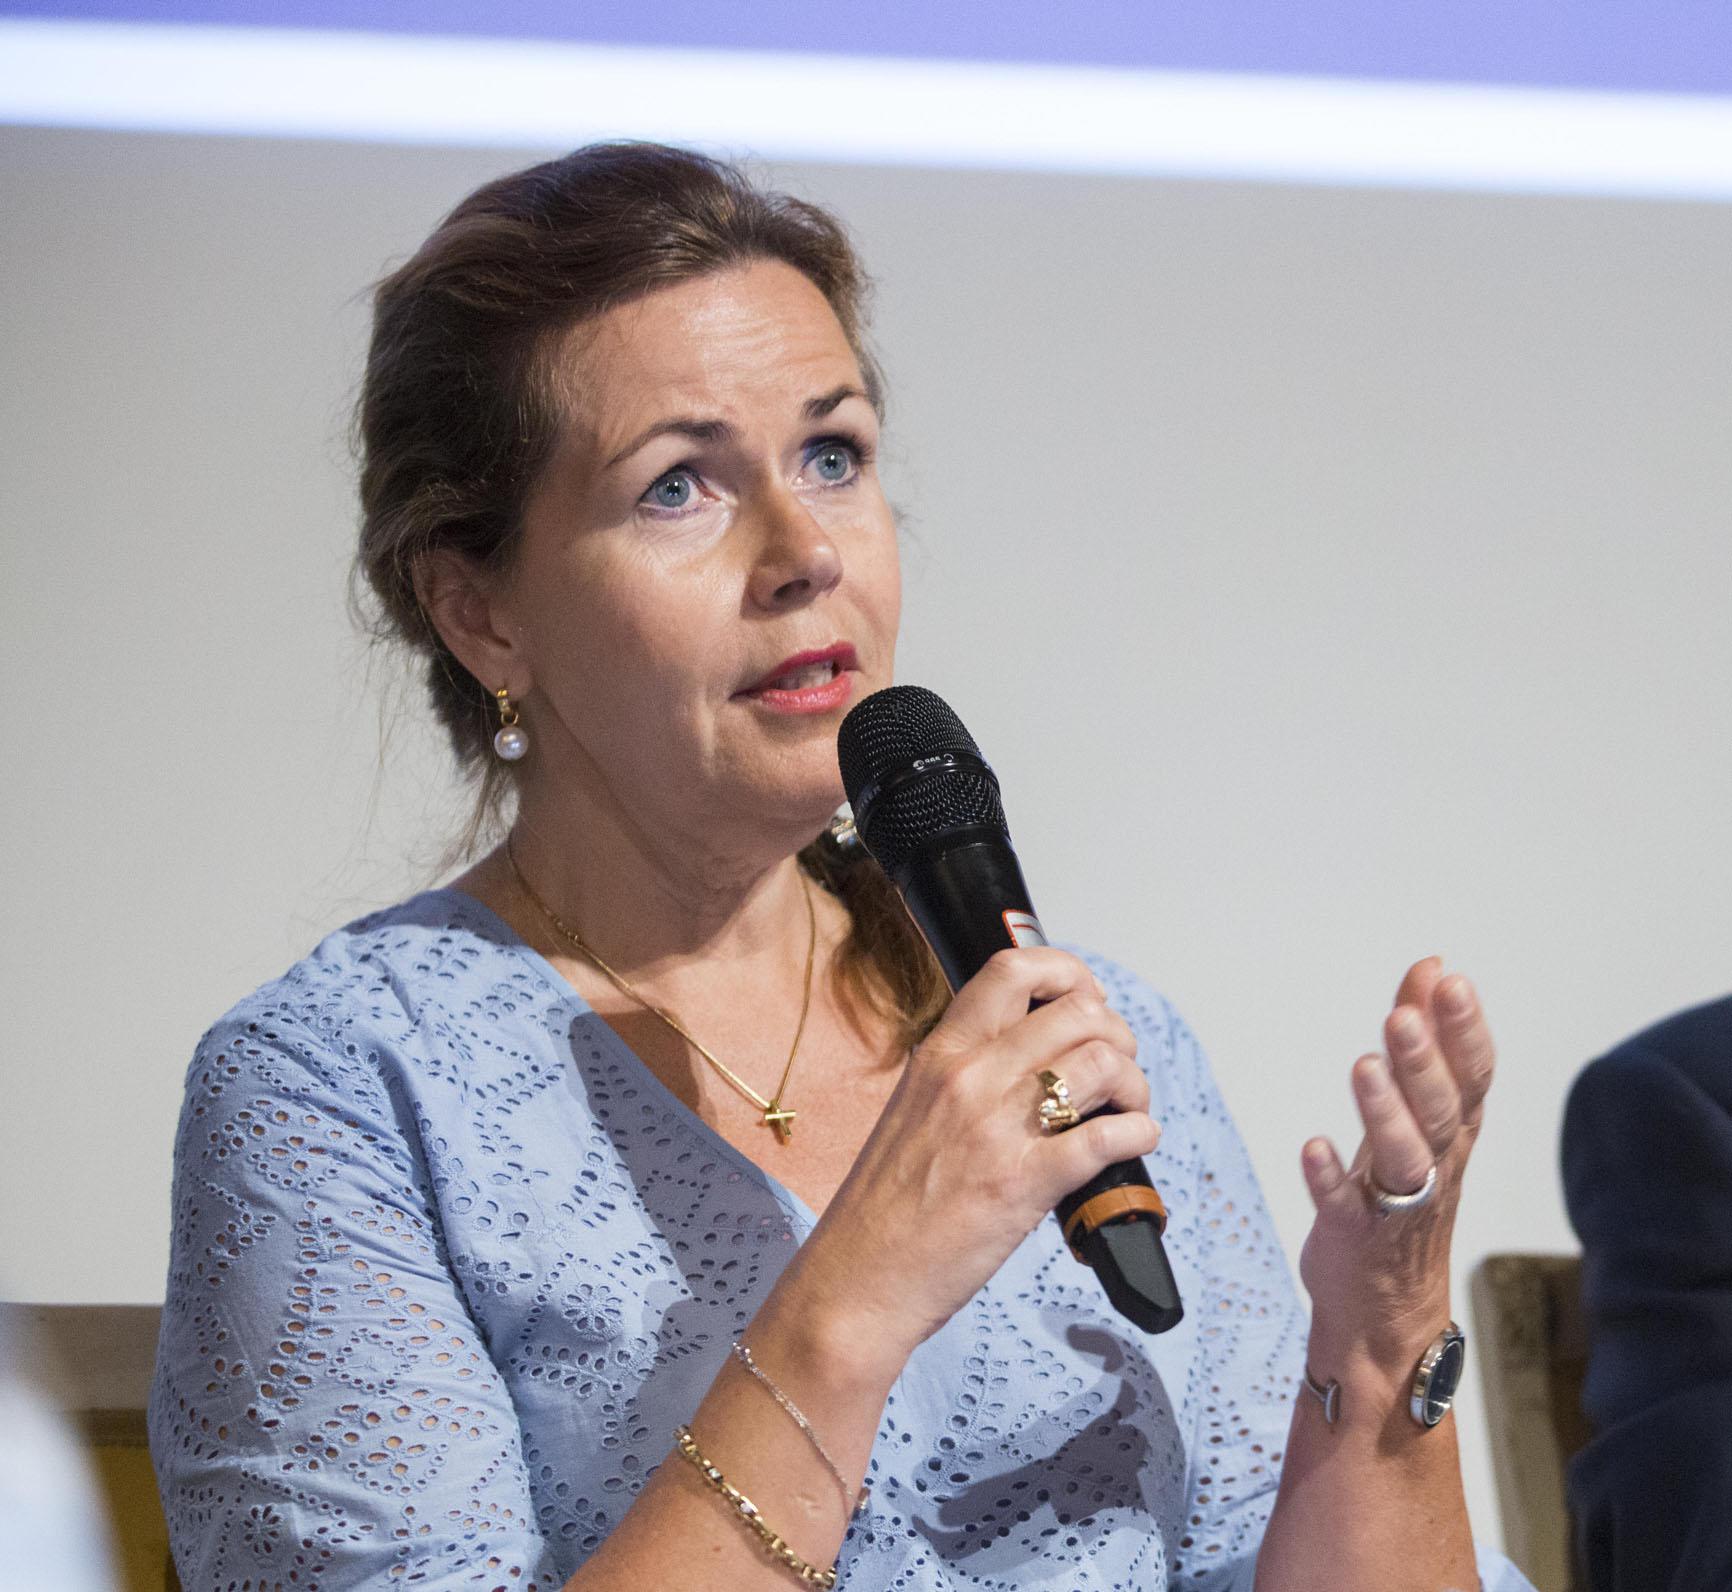 Cecilia Wikström, predsjednica Odbora za predstavke Europskog parlamenta, na godišnjoj konferenciji Europske mreže pučkih pravobranitelja 2017.